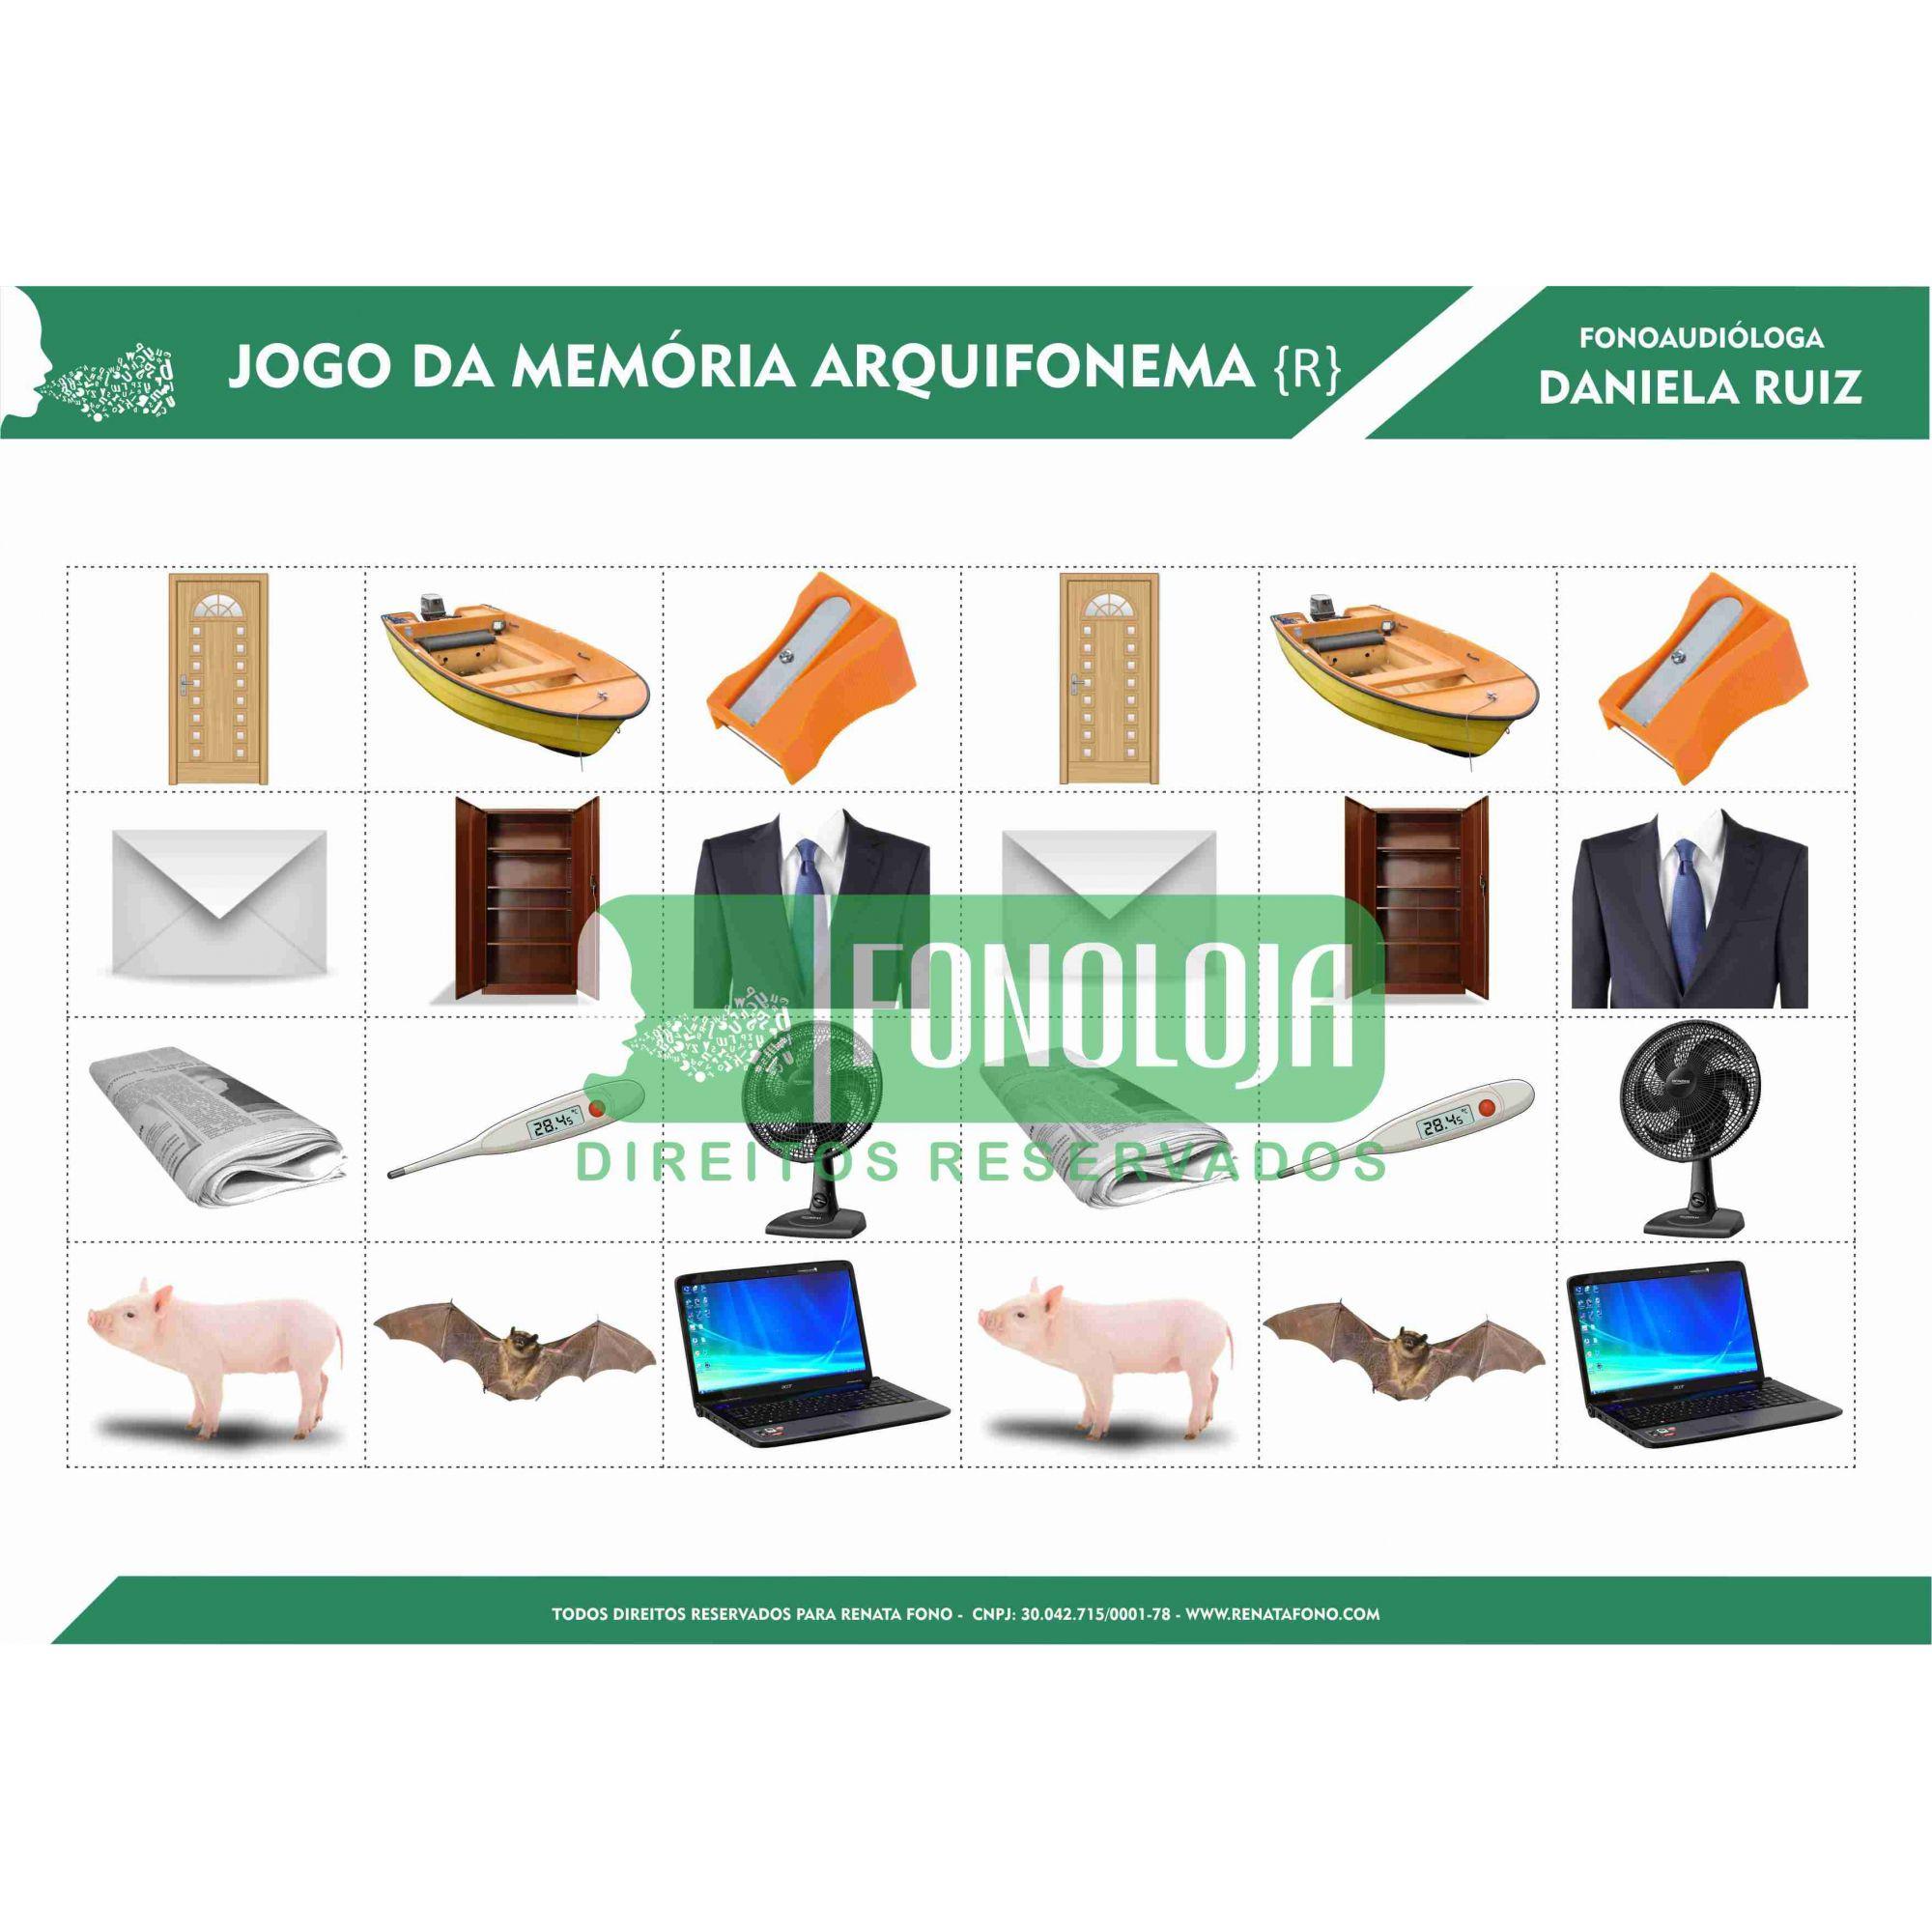 KIT 06 - JOGOS DA MEMÓRIA ARQUIFONEMAS E VIBRANTES